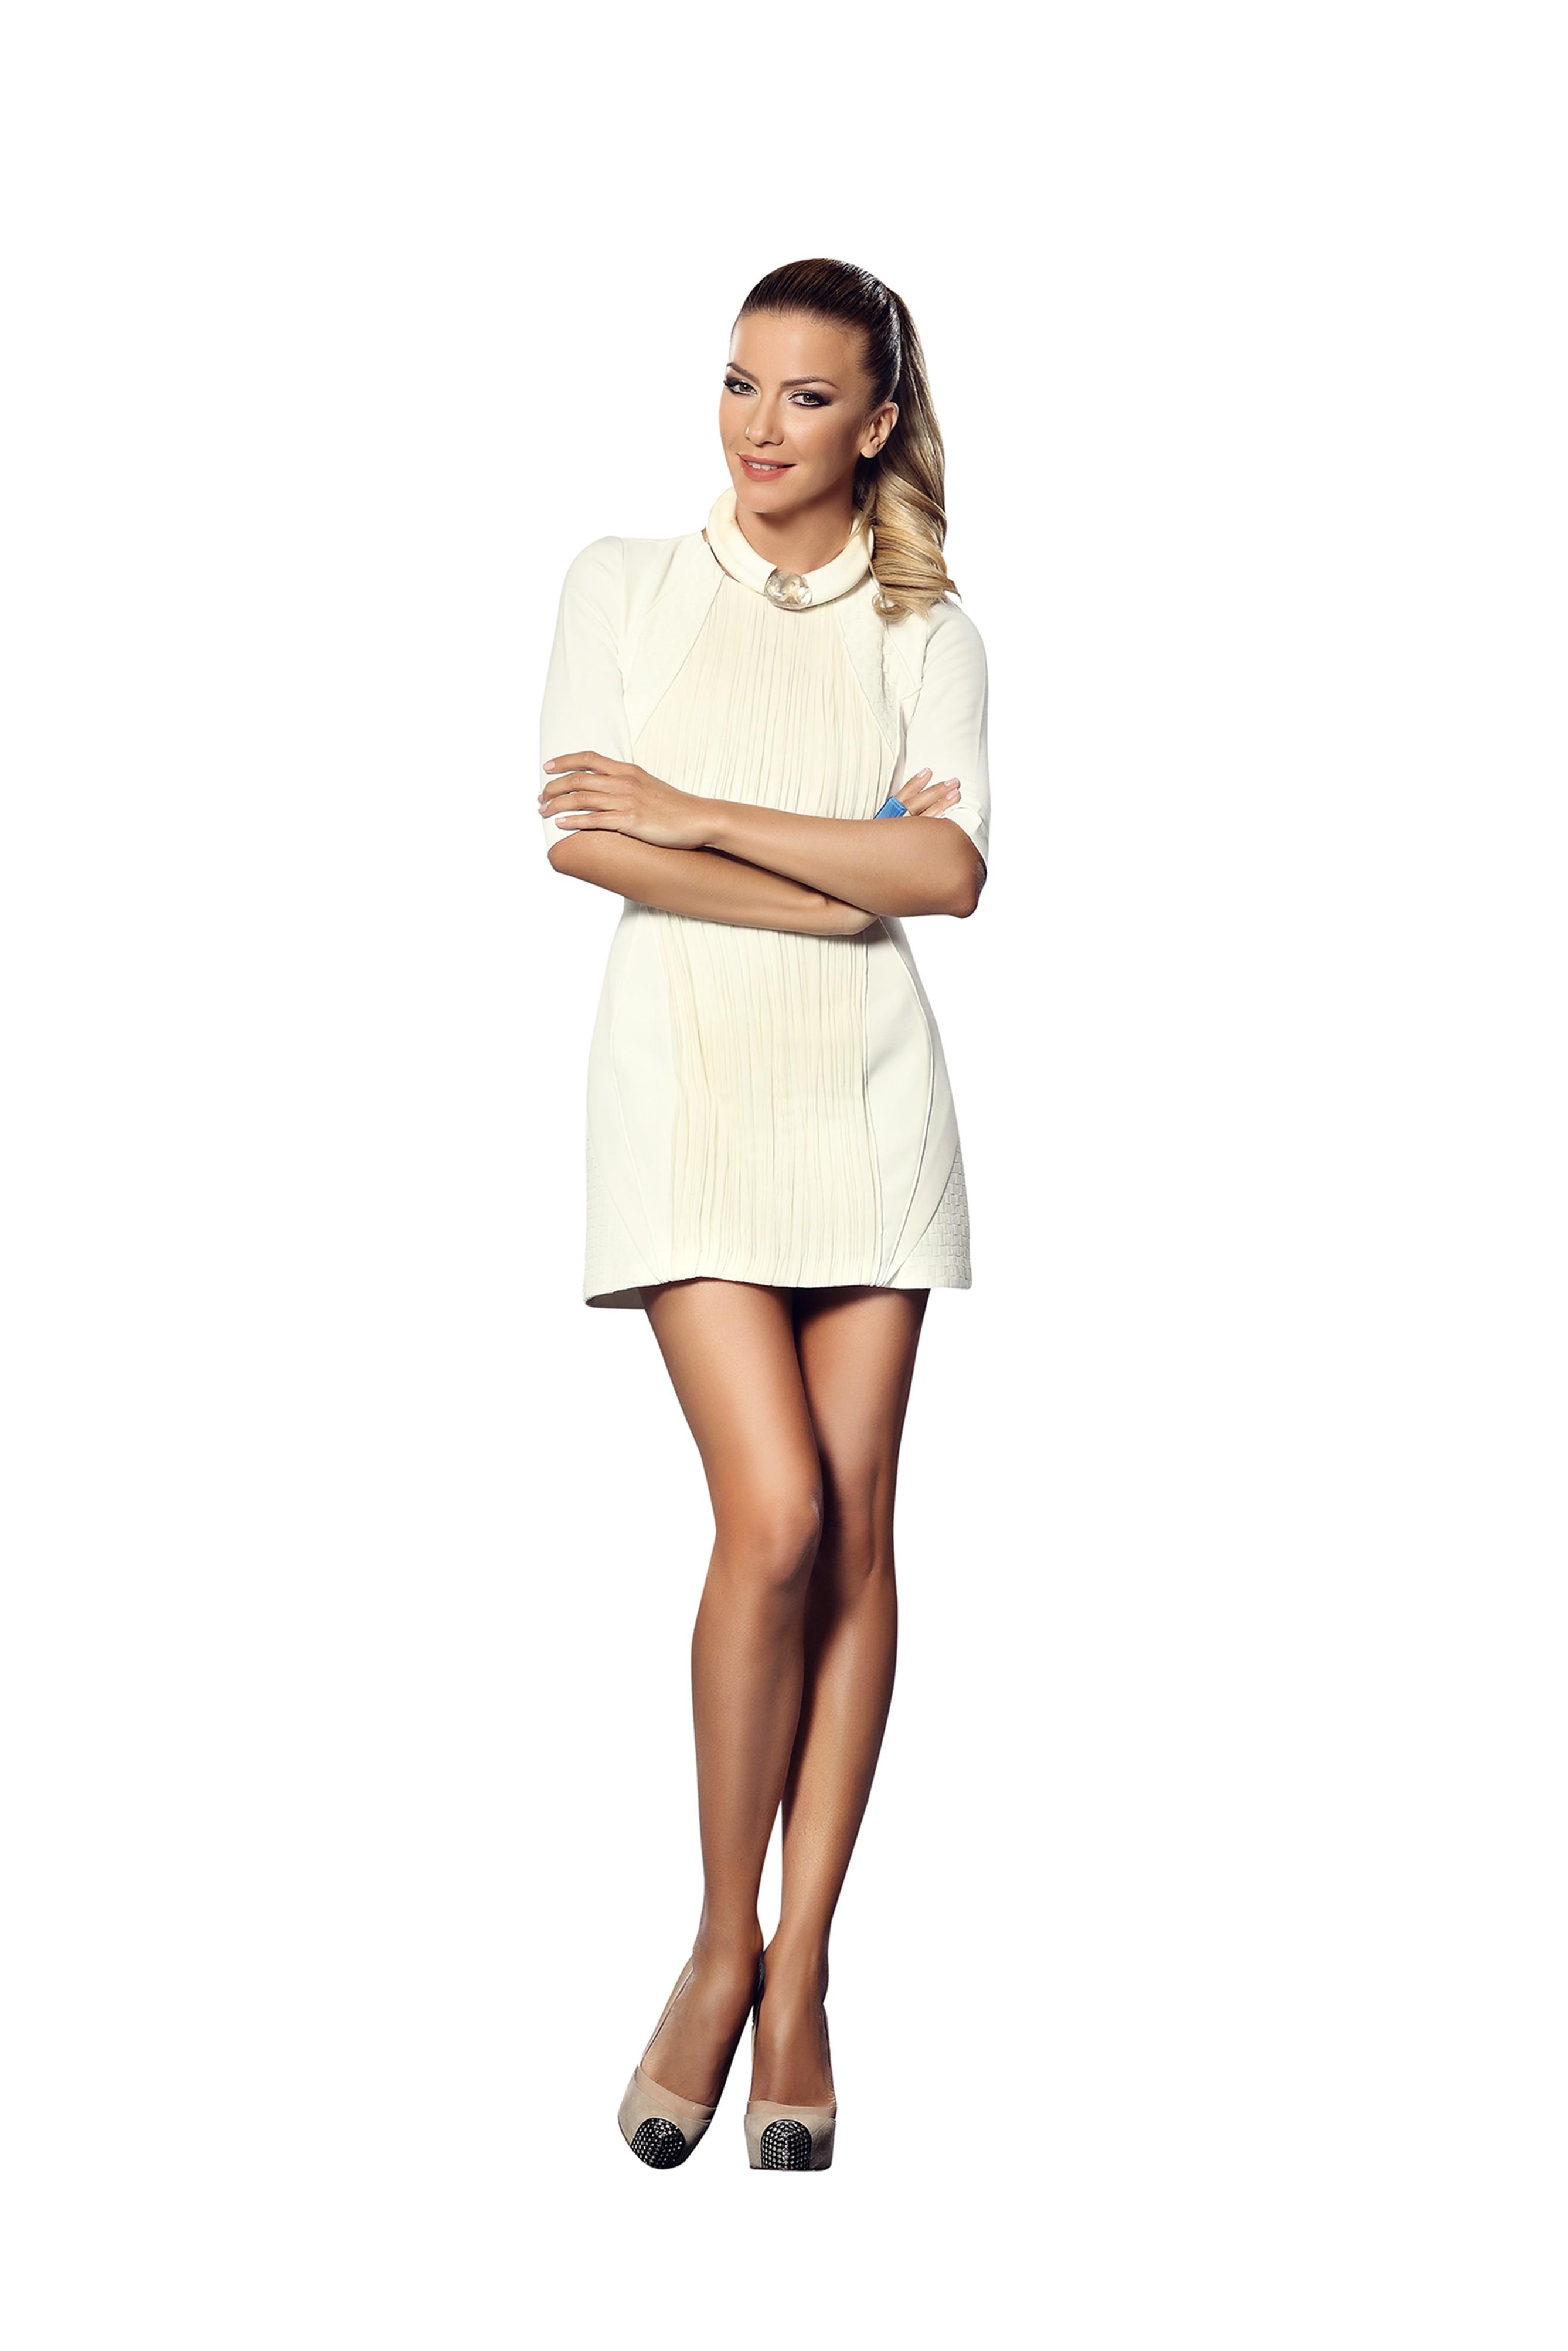 Hintergrundbilder : Modell-, T-Shirt, Kleid, Kleidung, serbisch ...